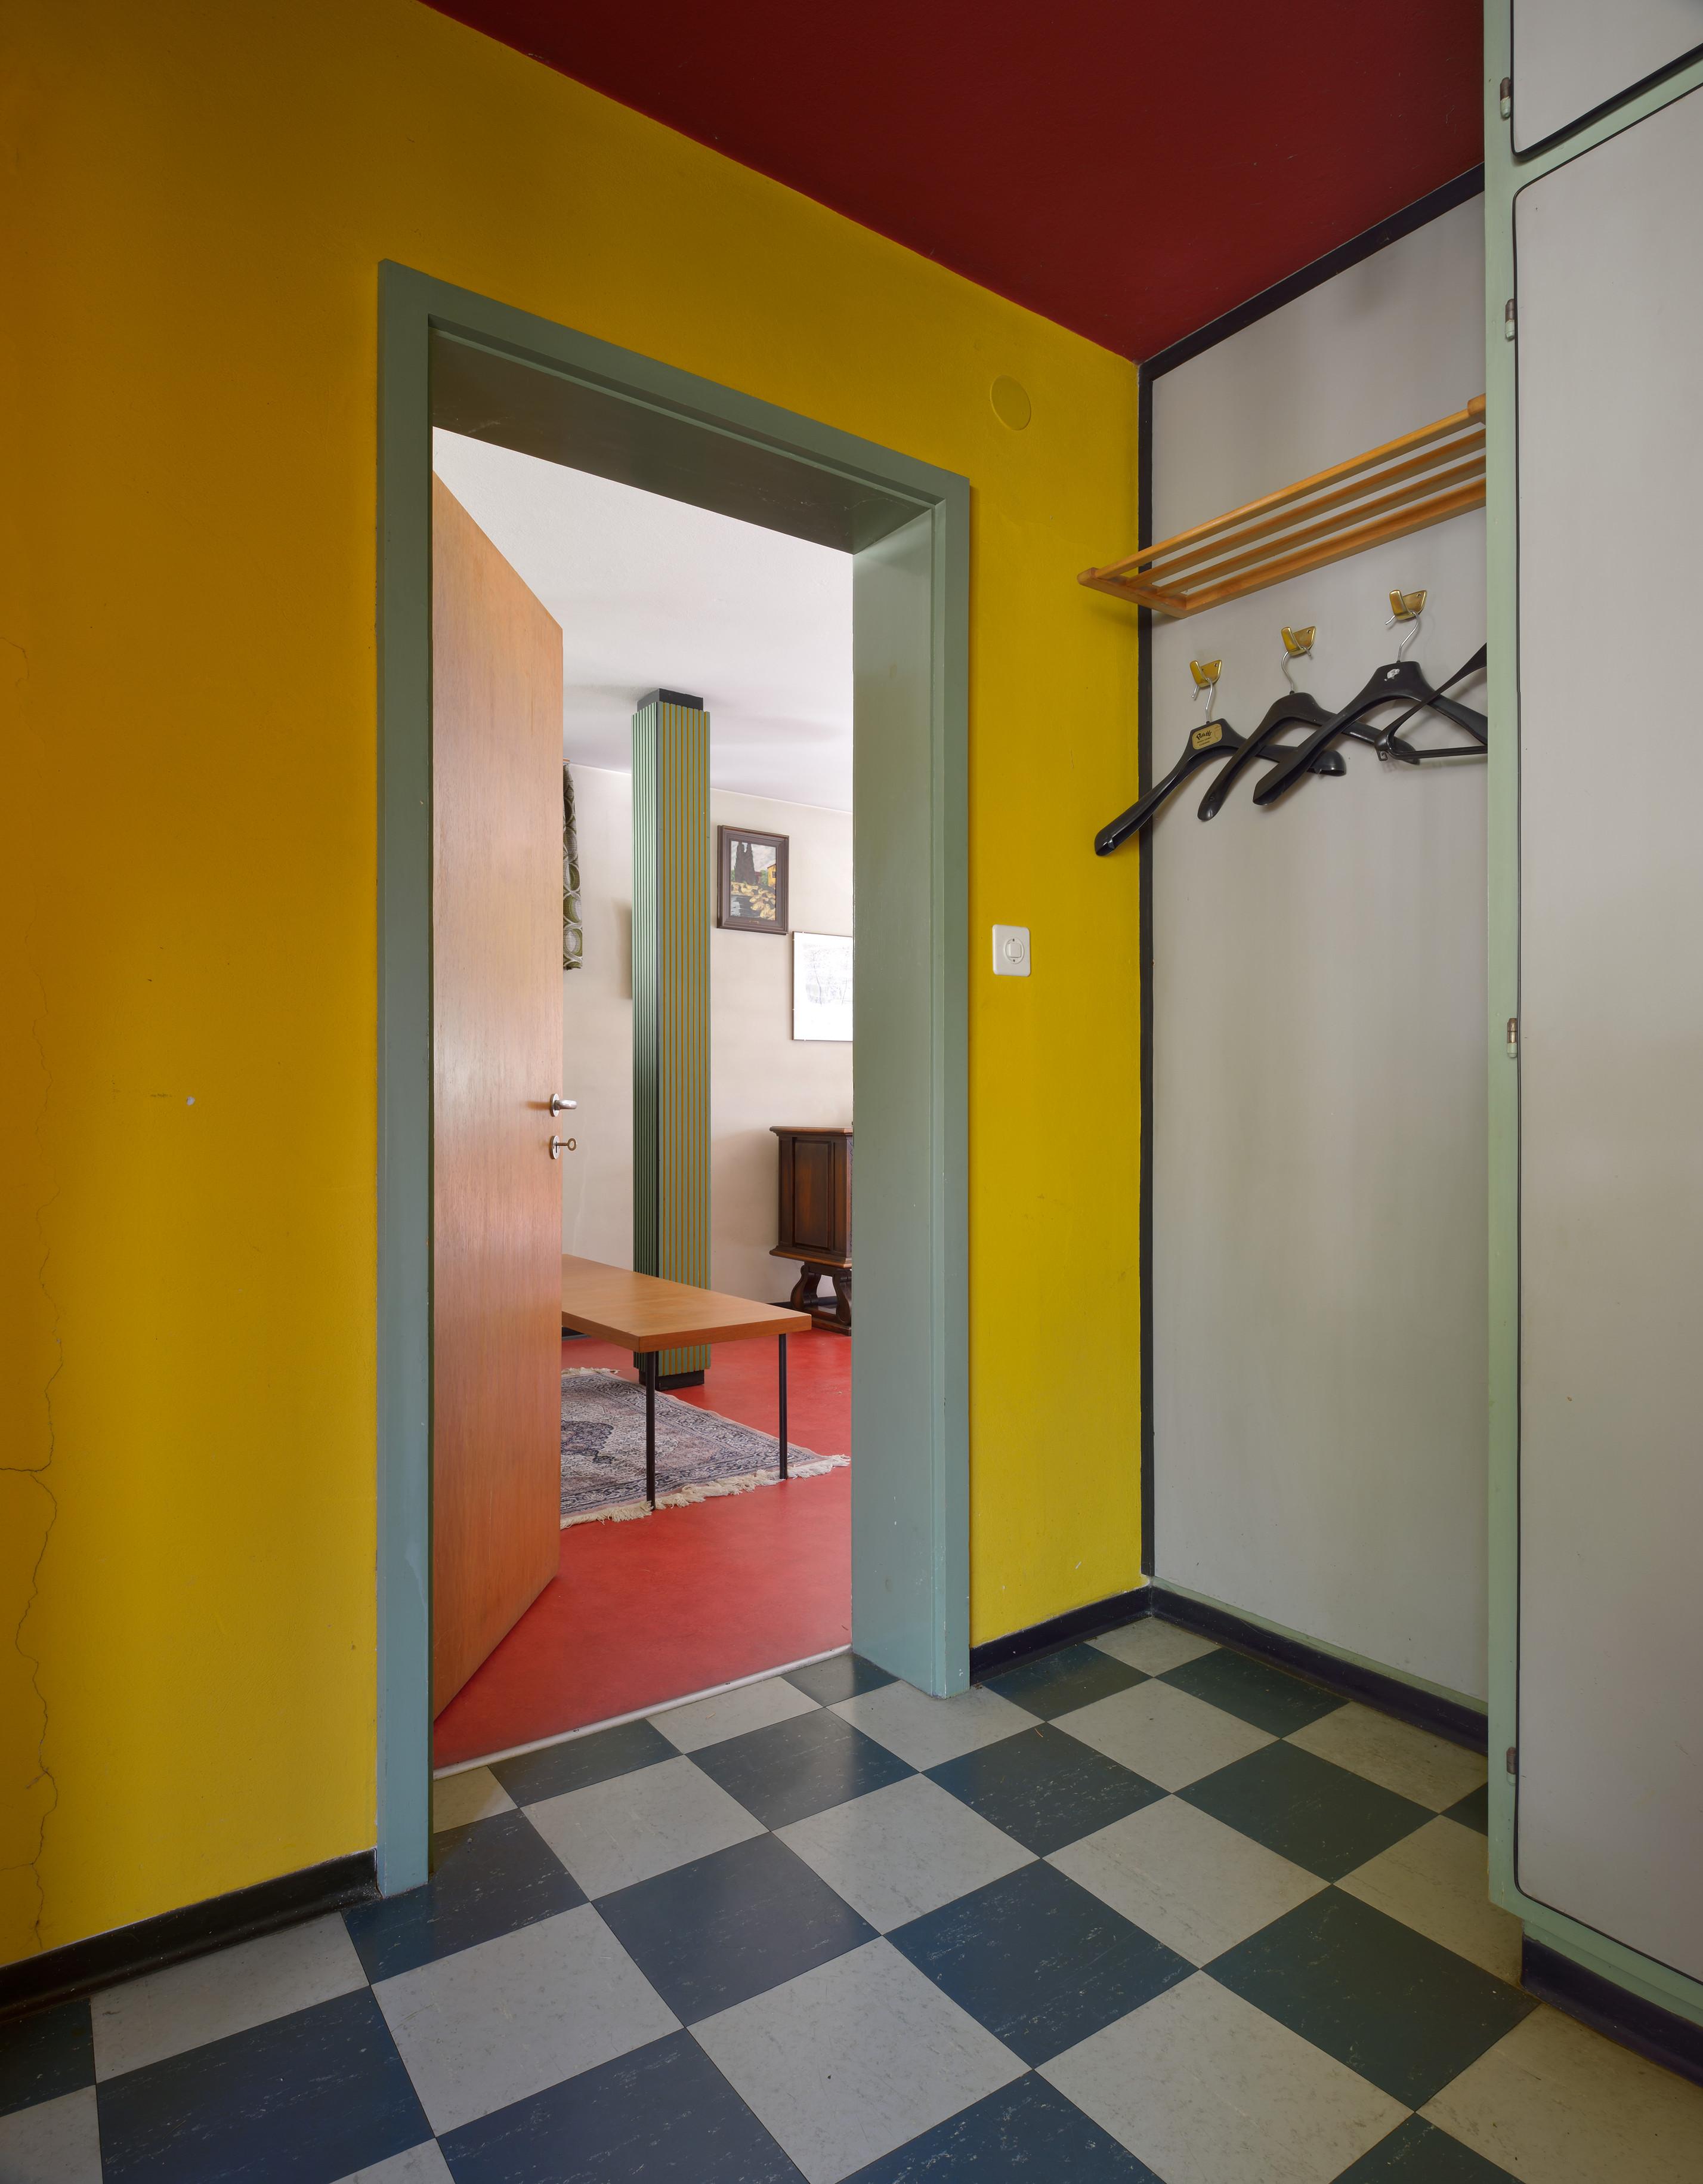 """Das Vorbild für den Faller-Bausatz """"Villa im Tessin"""": die Villa Giovanni Guscetti (1958, Aldo und Alberto Guscetti) in Ambrì im Tessin (Copyright: Hagen Stier)"""